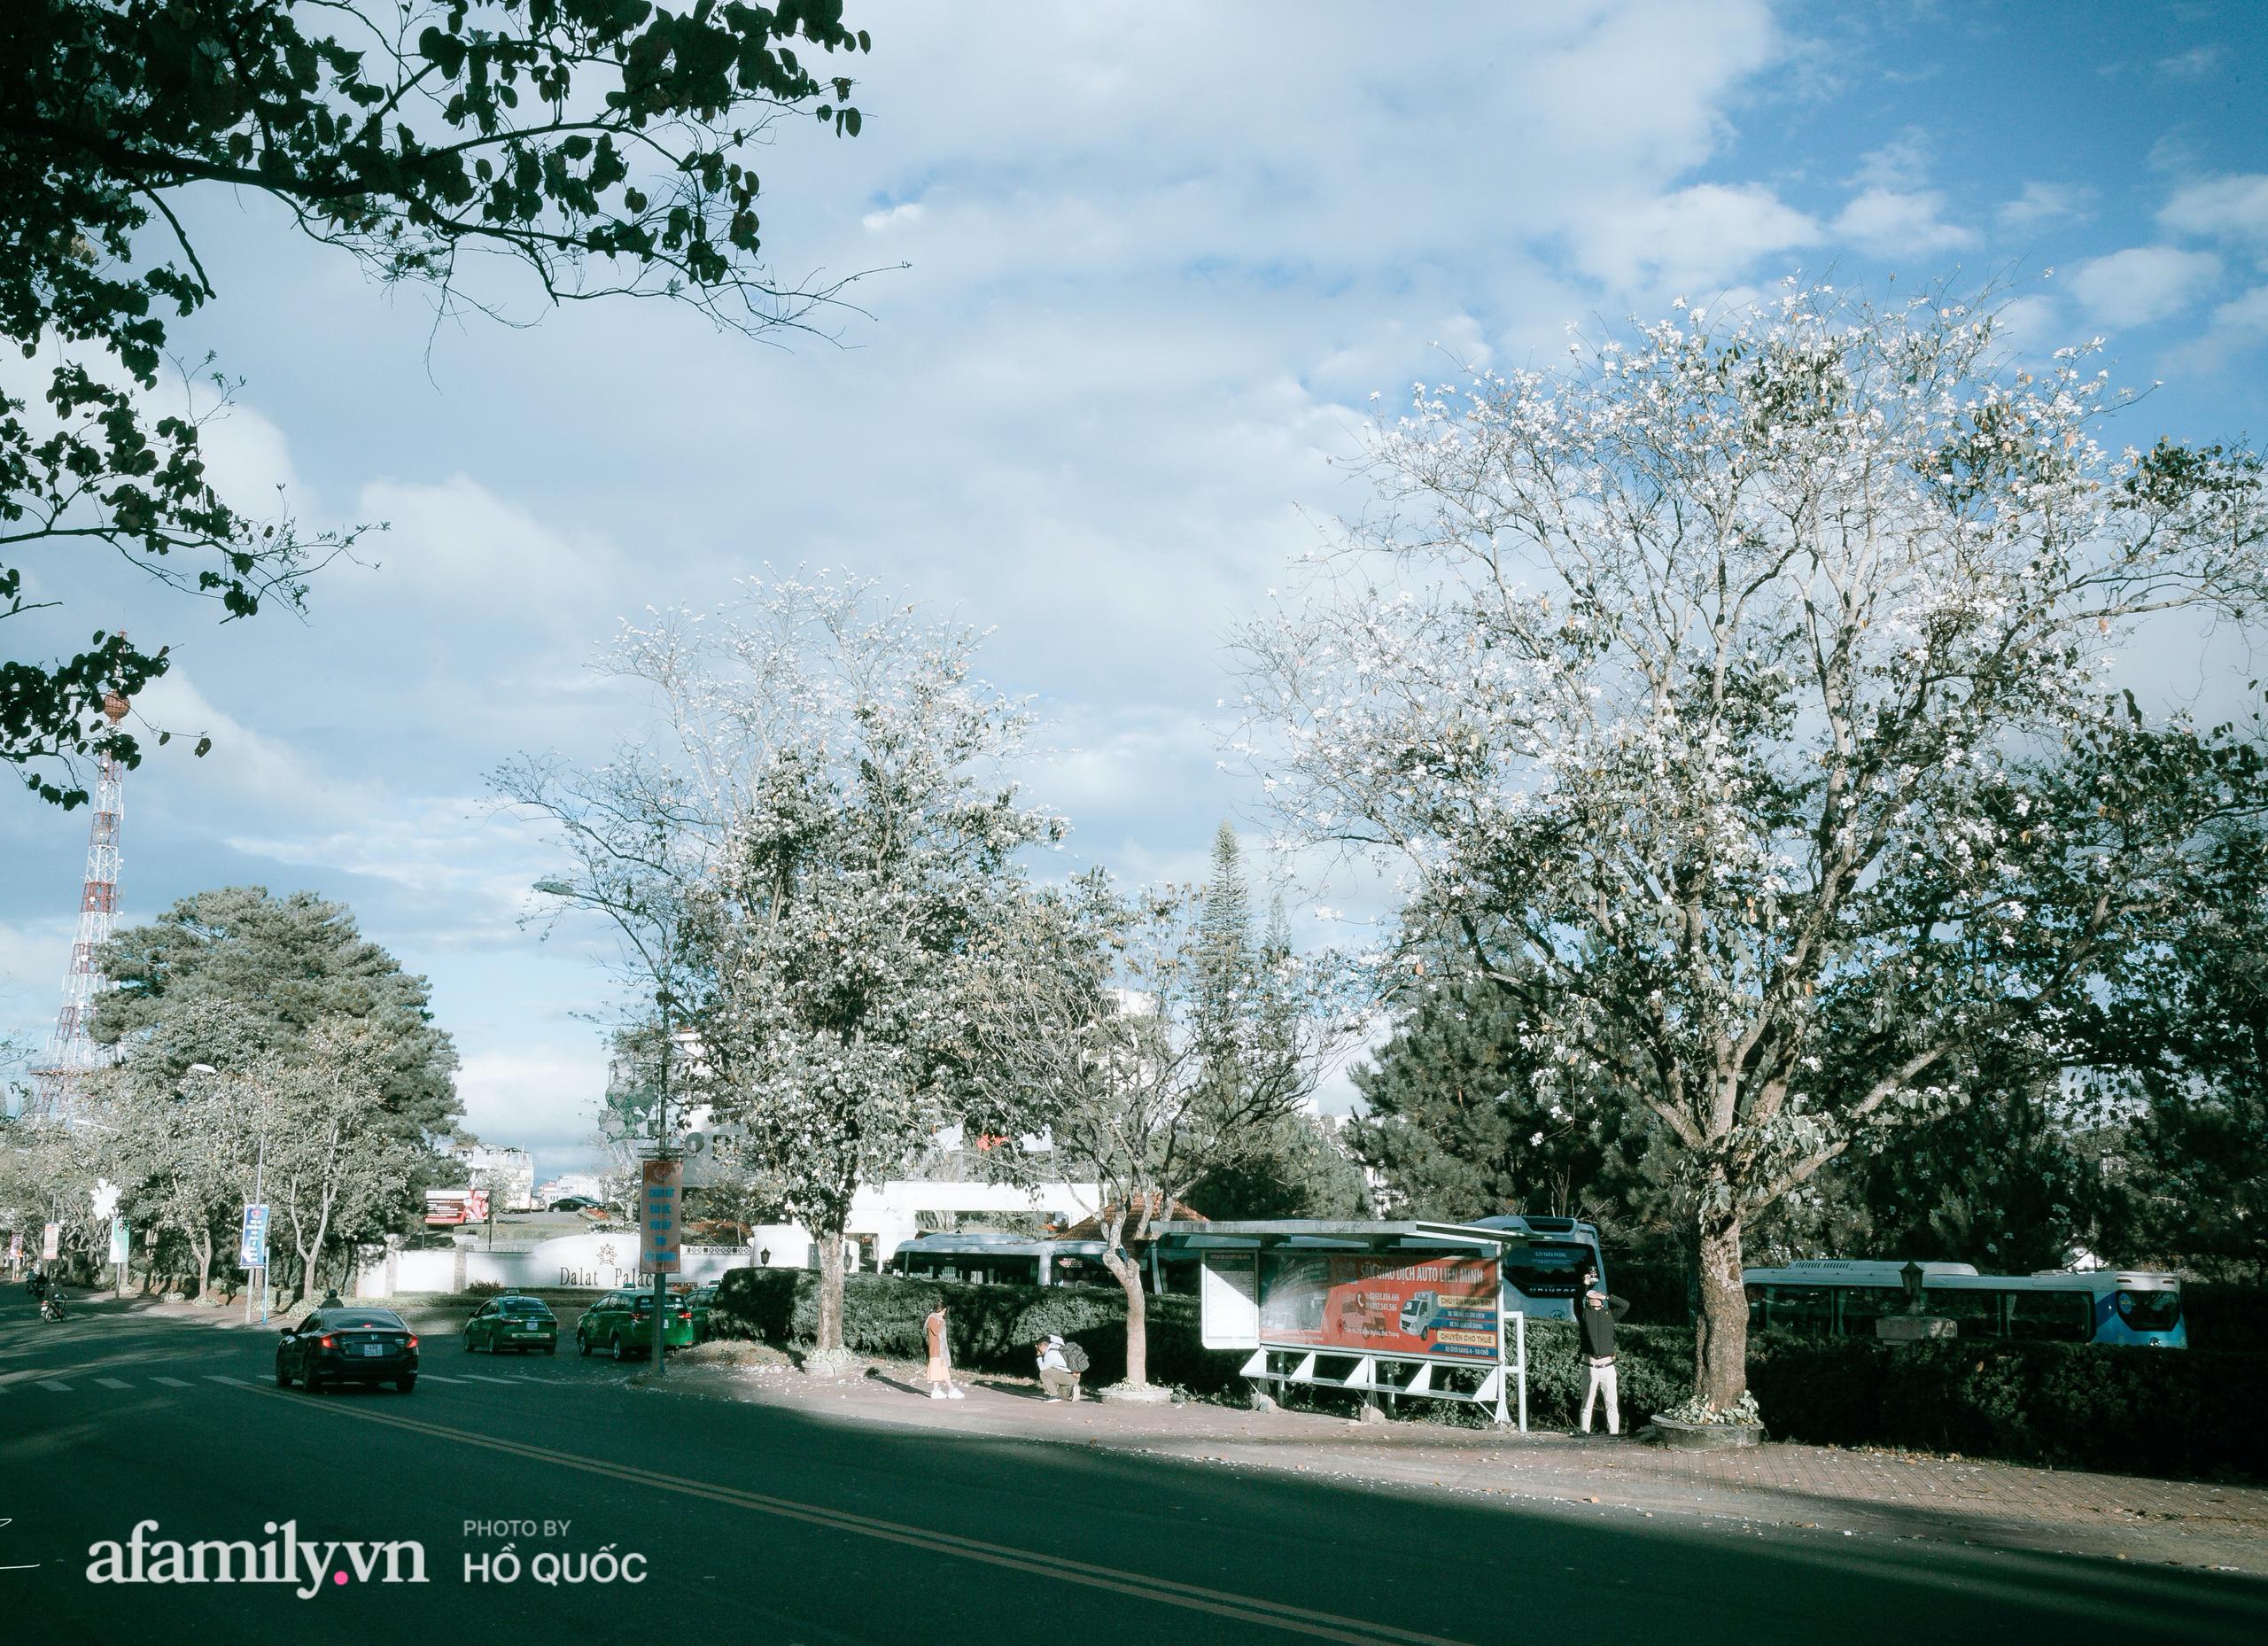 """Hoa ban trắng nở rộ, trời Đà Lạt như """"cô gái Tây Bắc e thẹn"""" báo hiệu một mùa xuân mới đến trong lành  - Ảnh 8."""